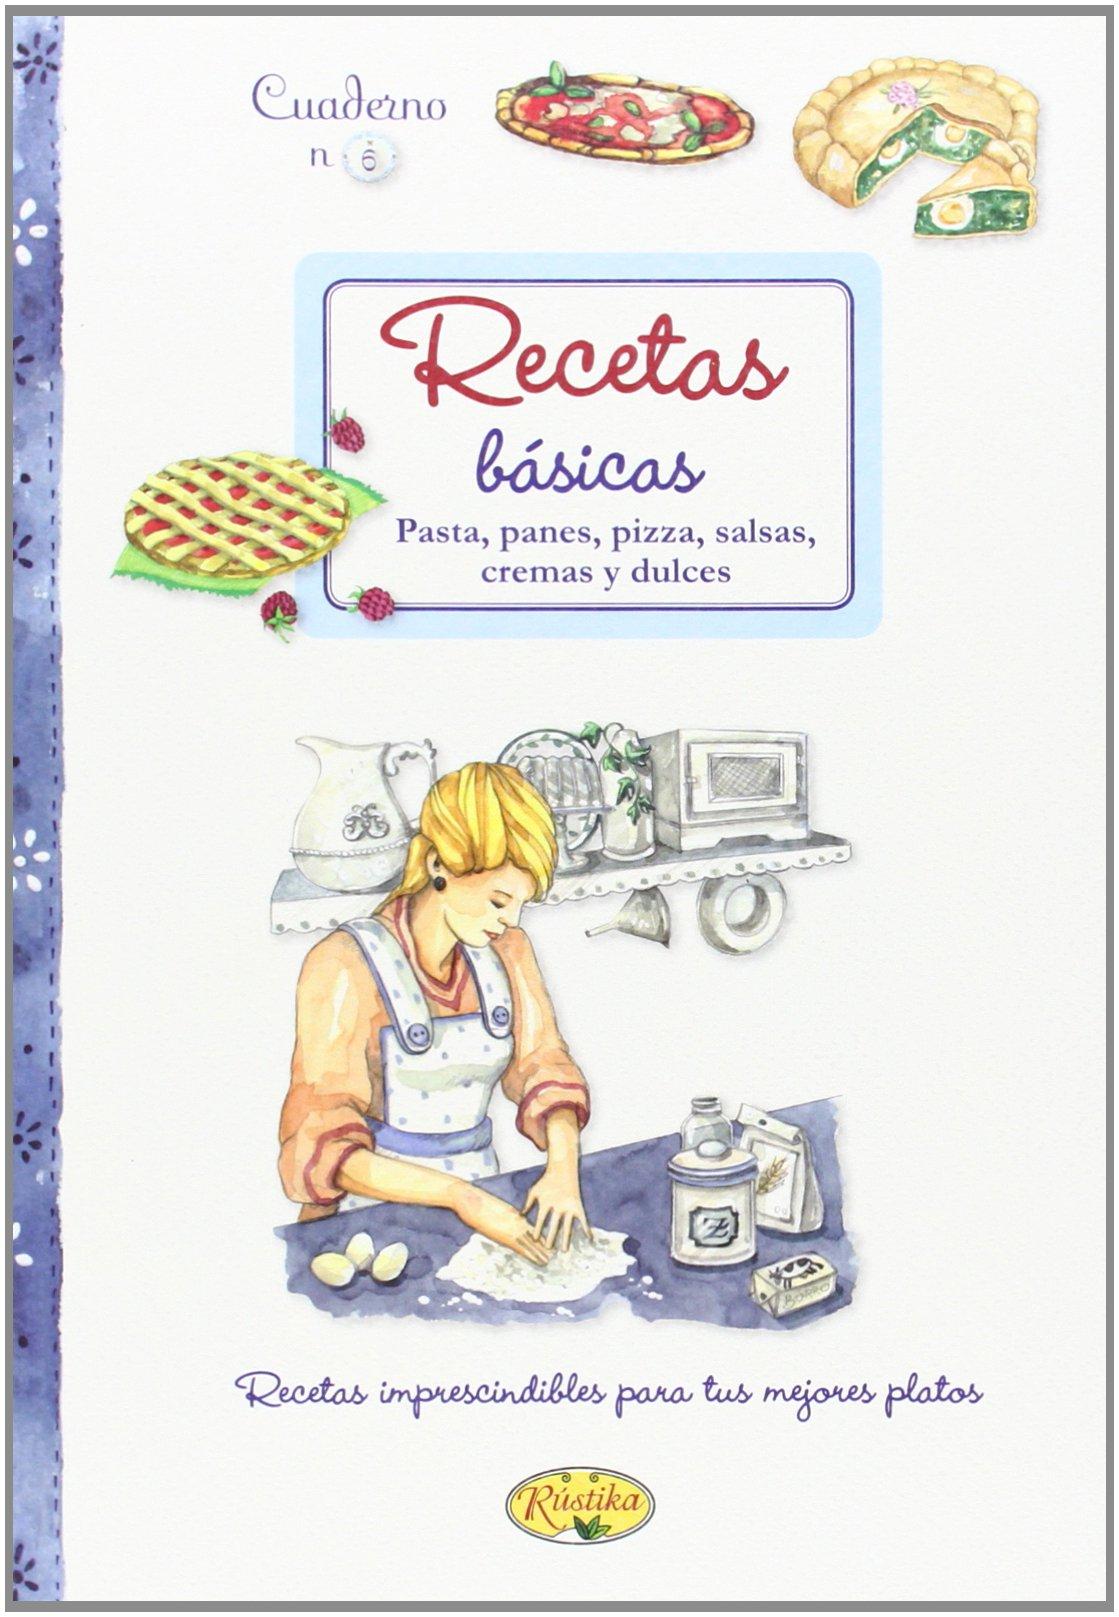 Recetas Básicas (Cuadernos de cocina): Amazon.es: Rústika, Laura Toffaletti, Giulia Pianigiani, Francesca Mazzini: Libros